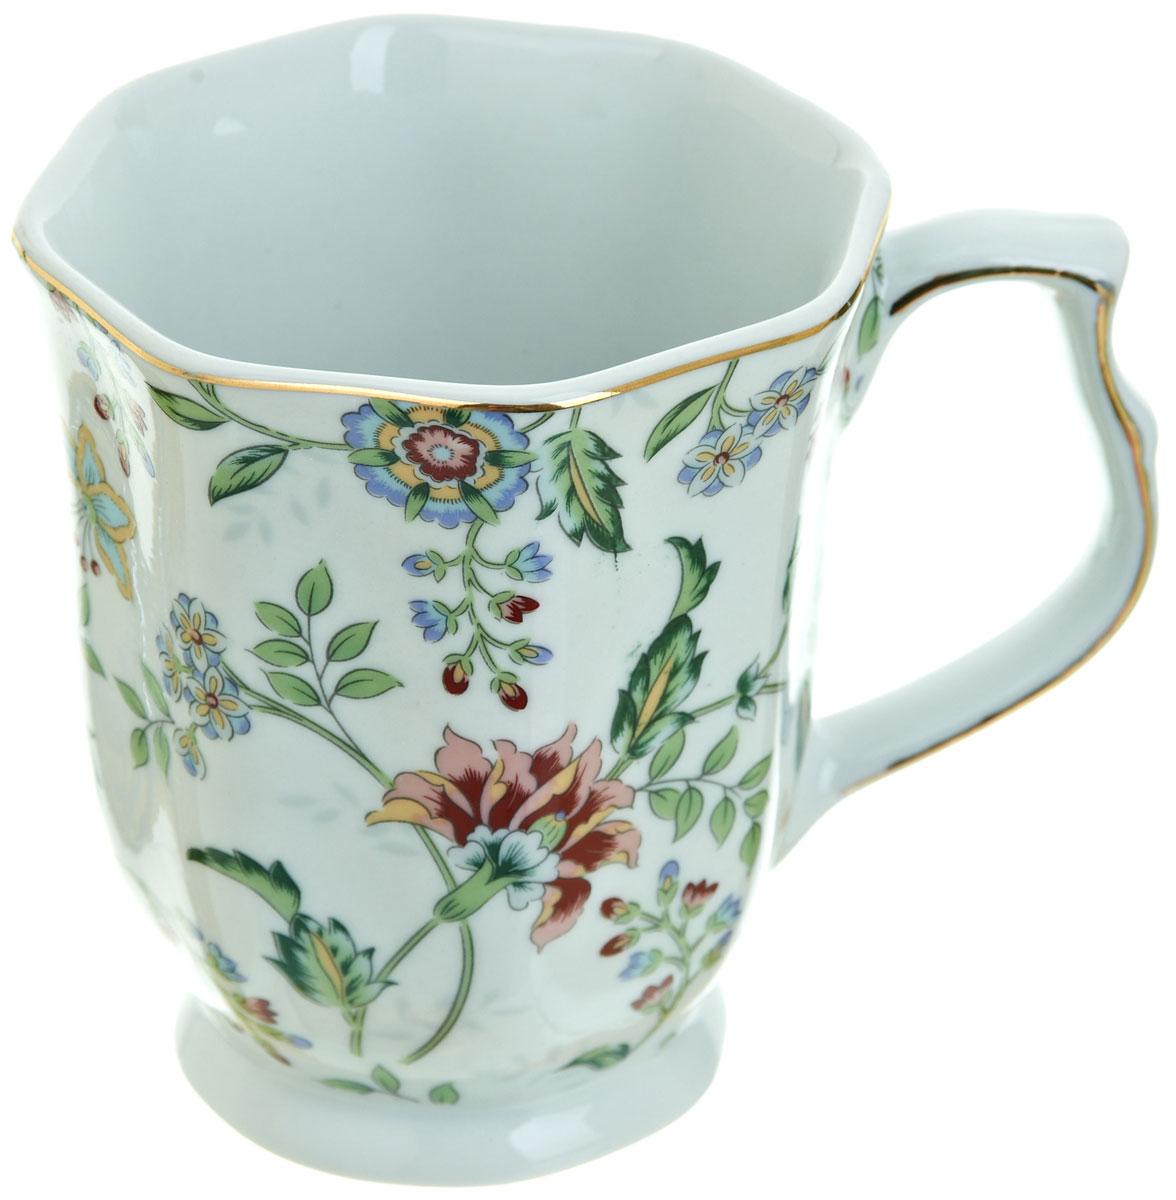 Кружка BHP Альпийский сад, 350 мл115510Оригинальная кружка Best Home Porcelain, выполненная из высококачественного фарфора, сочетает в себе изысканный дизайн с максимальной функциональностью.Красочность оформления кружки придется по вкусу и ценителям классики, и тем, кто предпочитает утонченность и изысканность. Можно использовать в посудомоечной машине.